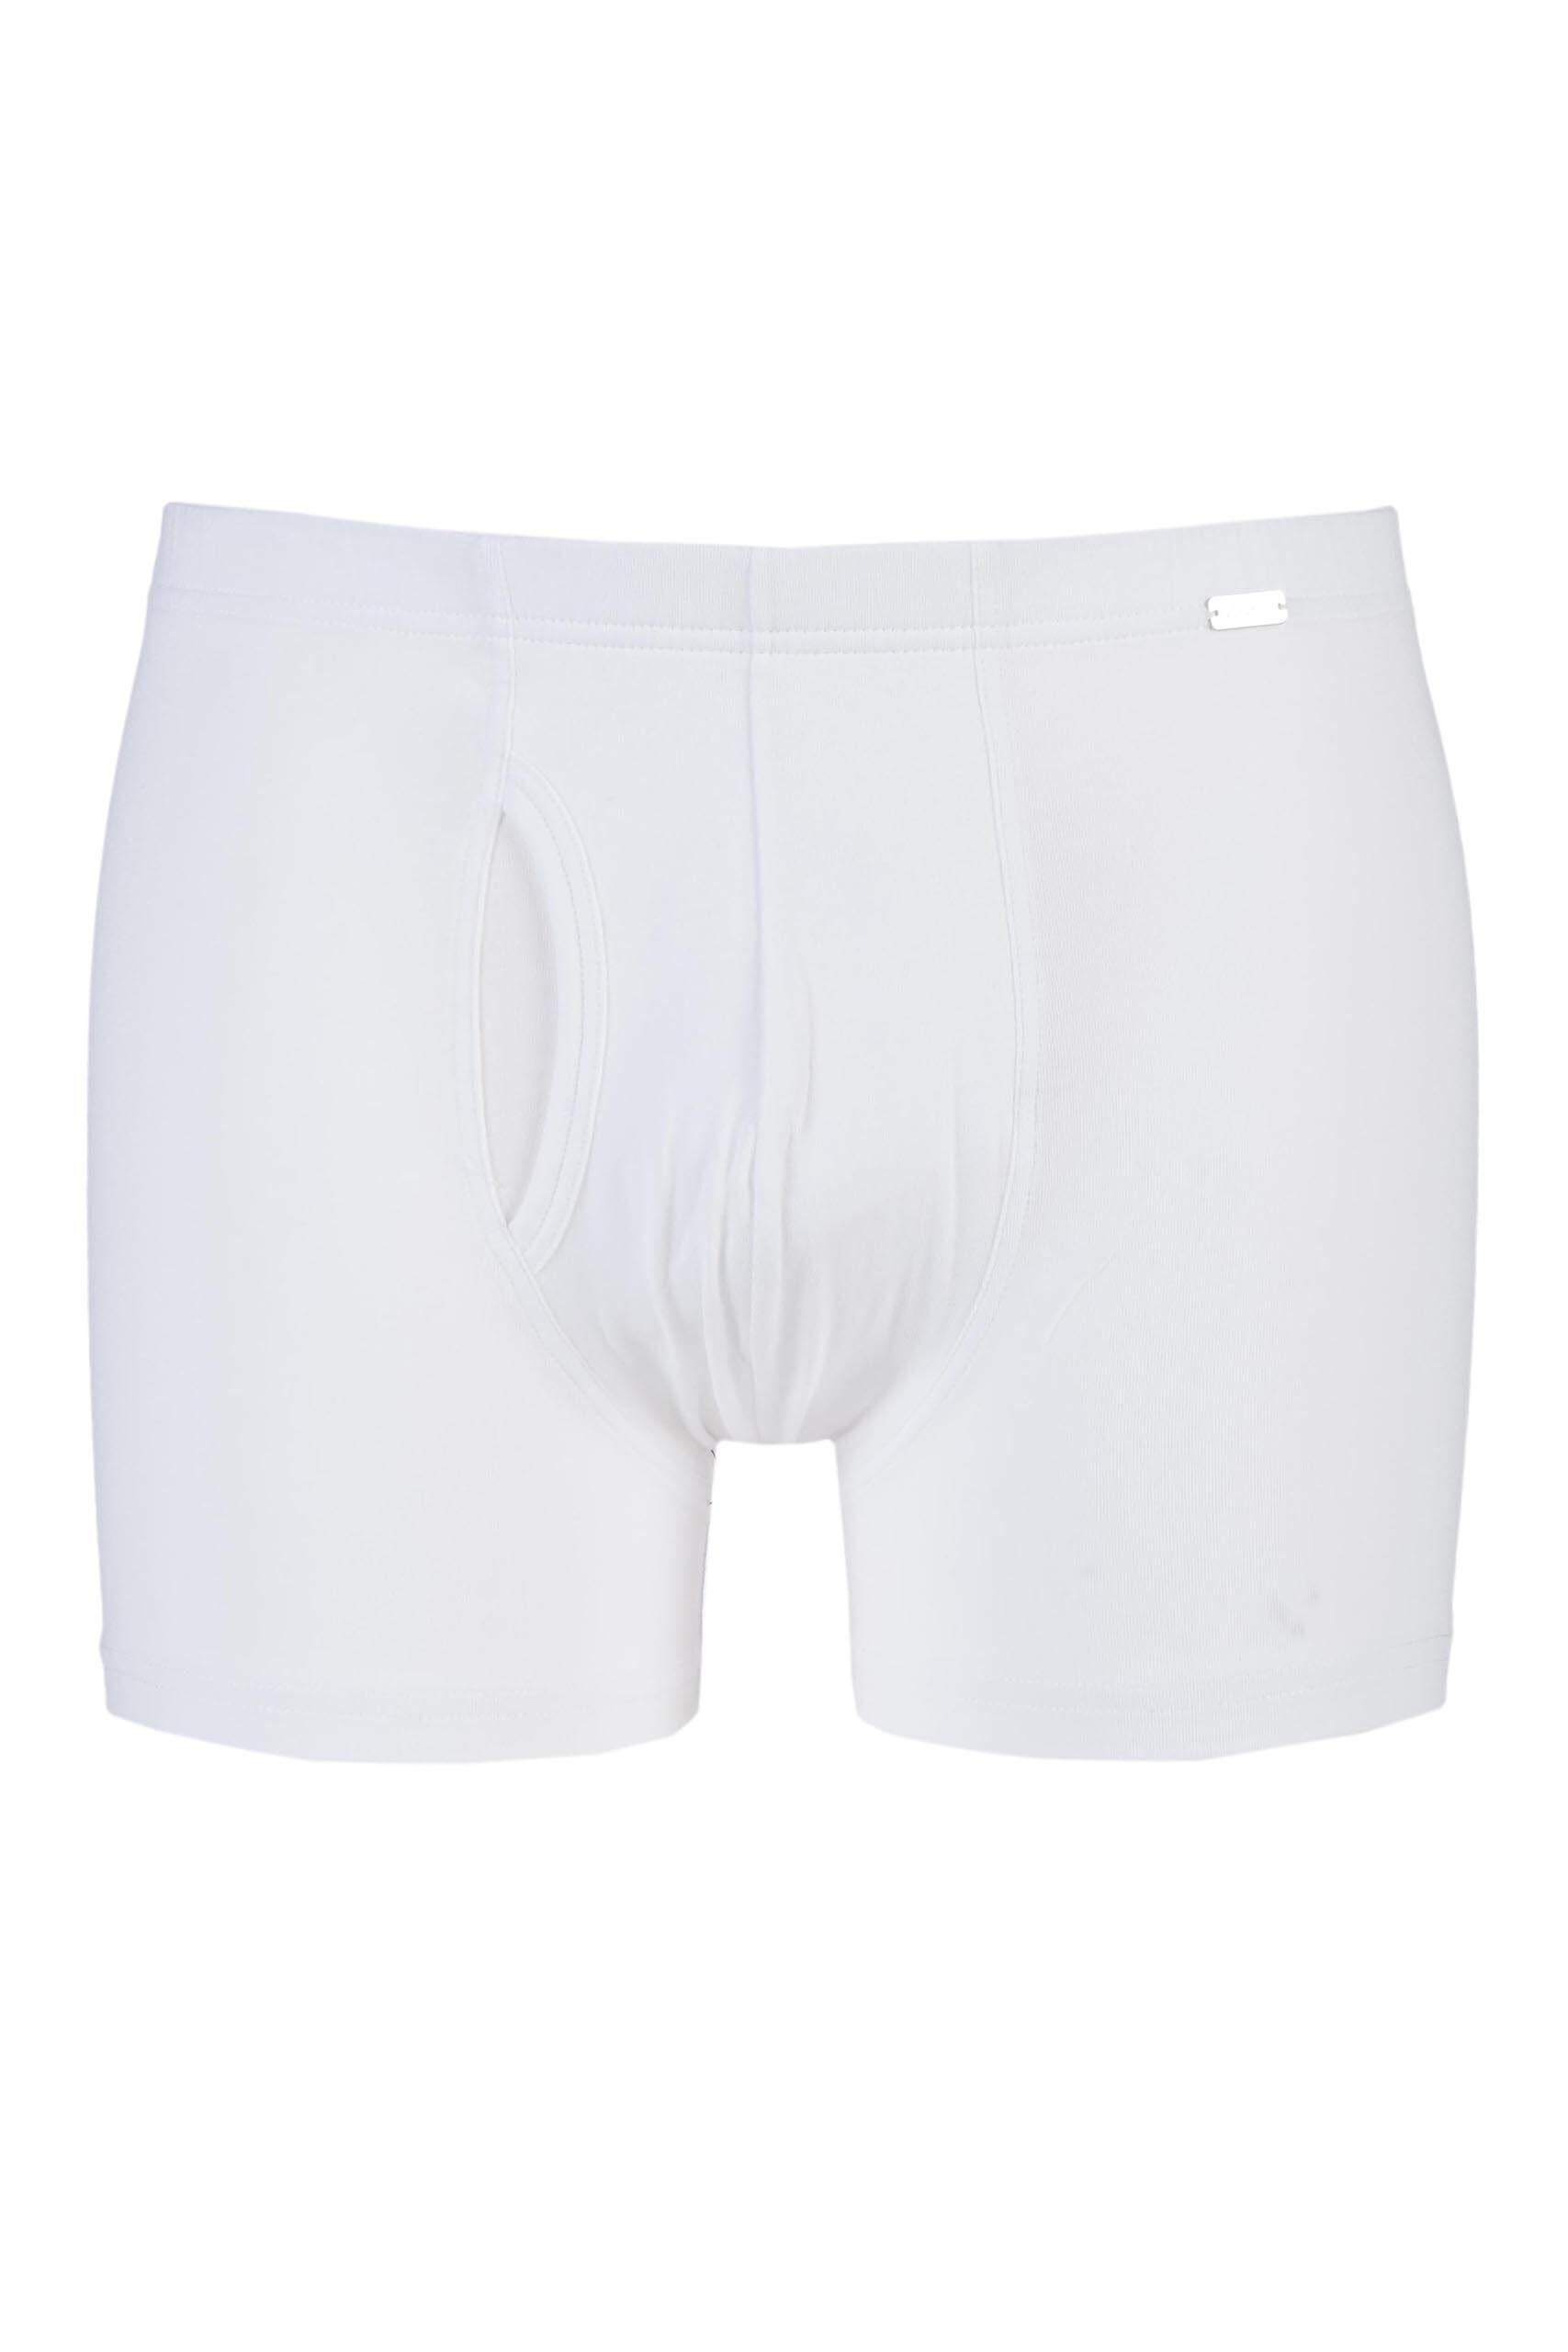 Image of 1 Pack White Modern Stretch Comfort Trunks Men's Large - Jockey